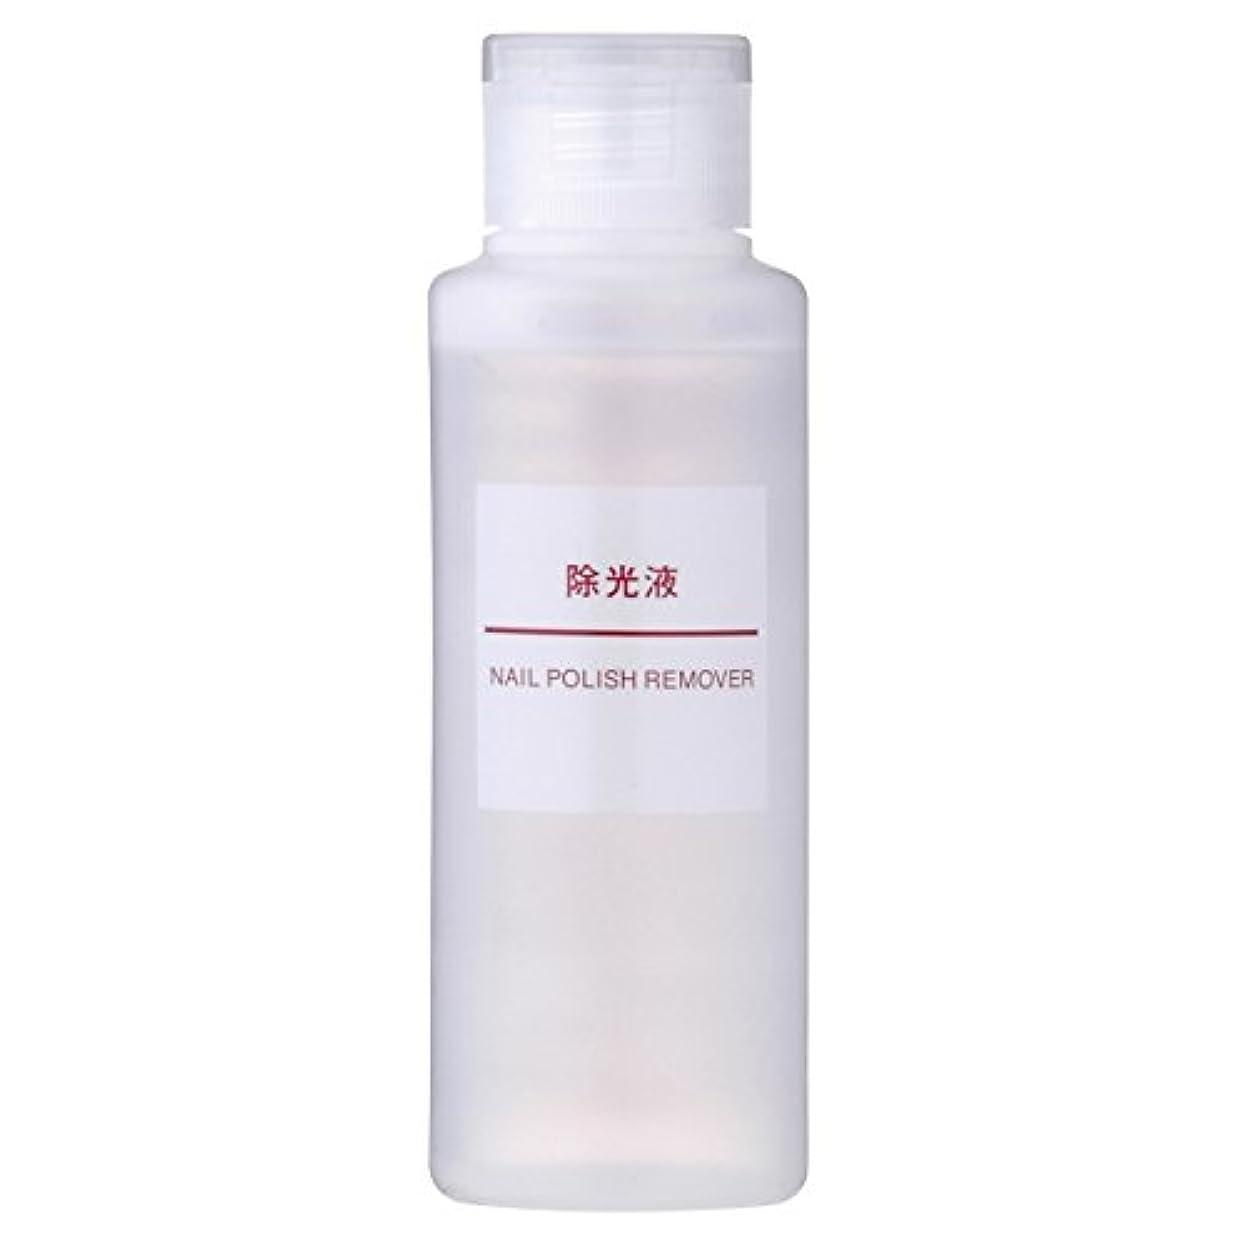 ナインへ偏心検出可能無印良品 除光液 100ml 日本製